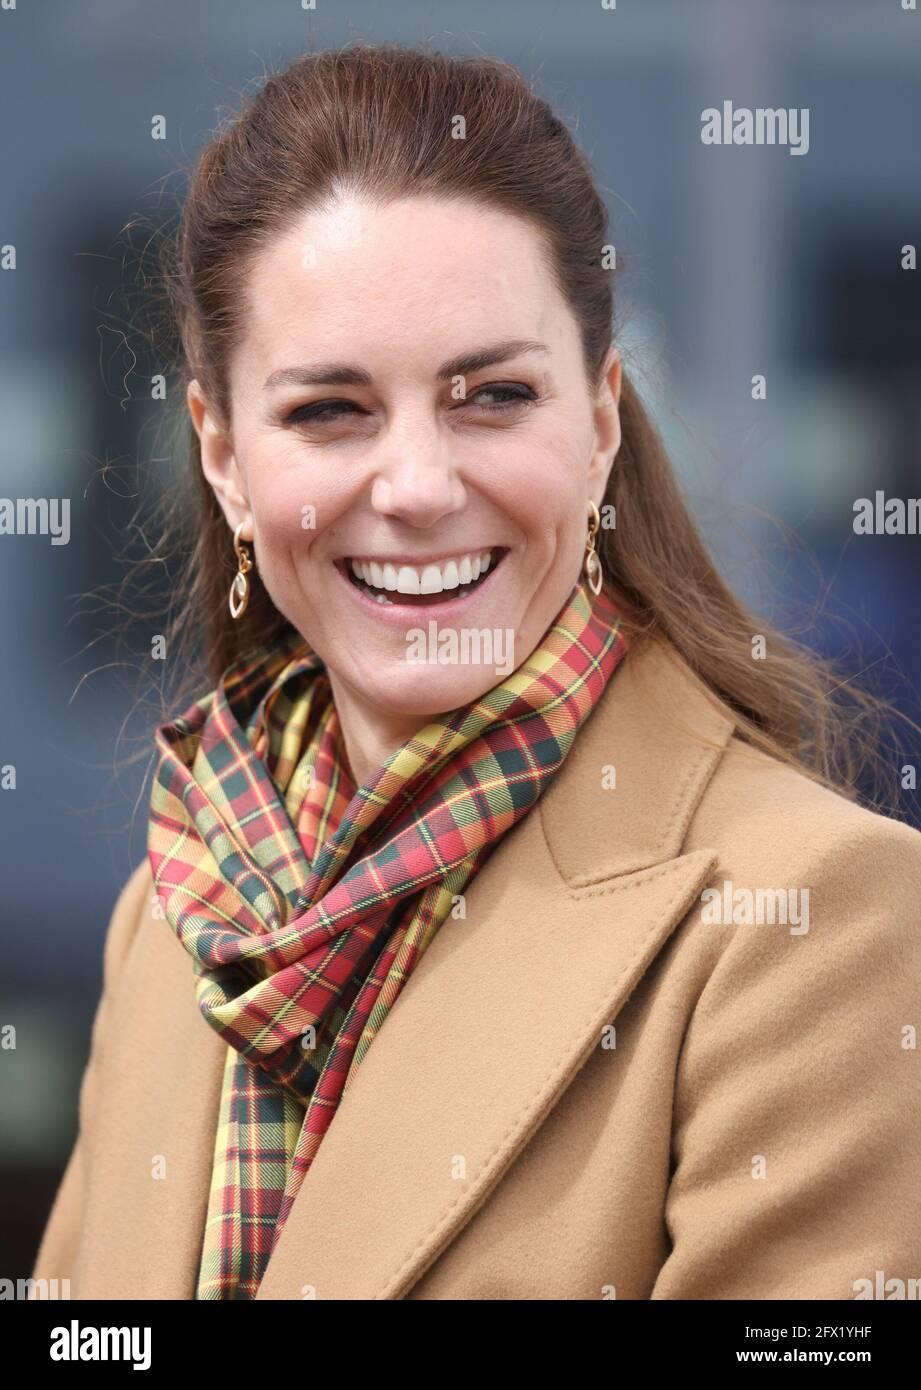 La Duchessa di Cambridge durante l'apertura ufficiale del Balfour, il nuovo ospedale di Orkney a Kirkwall, dove la coppia reale sta incontrando il personale NHS mentre continuano il loro tour in Scozia. Data immagine: Martedì 25 maggio 2021. Foto Stock